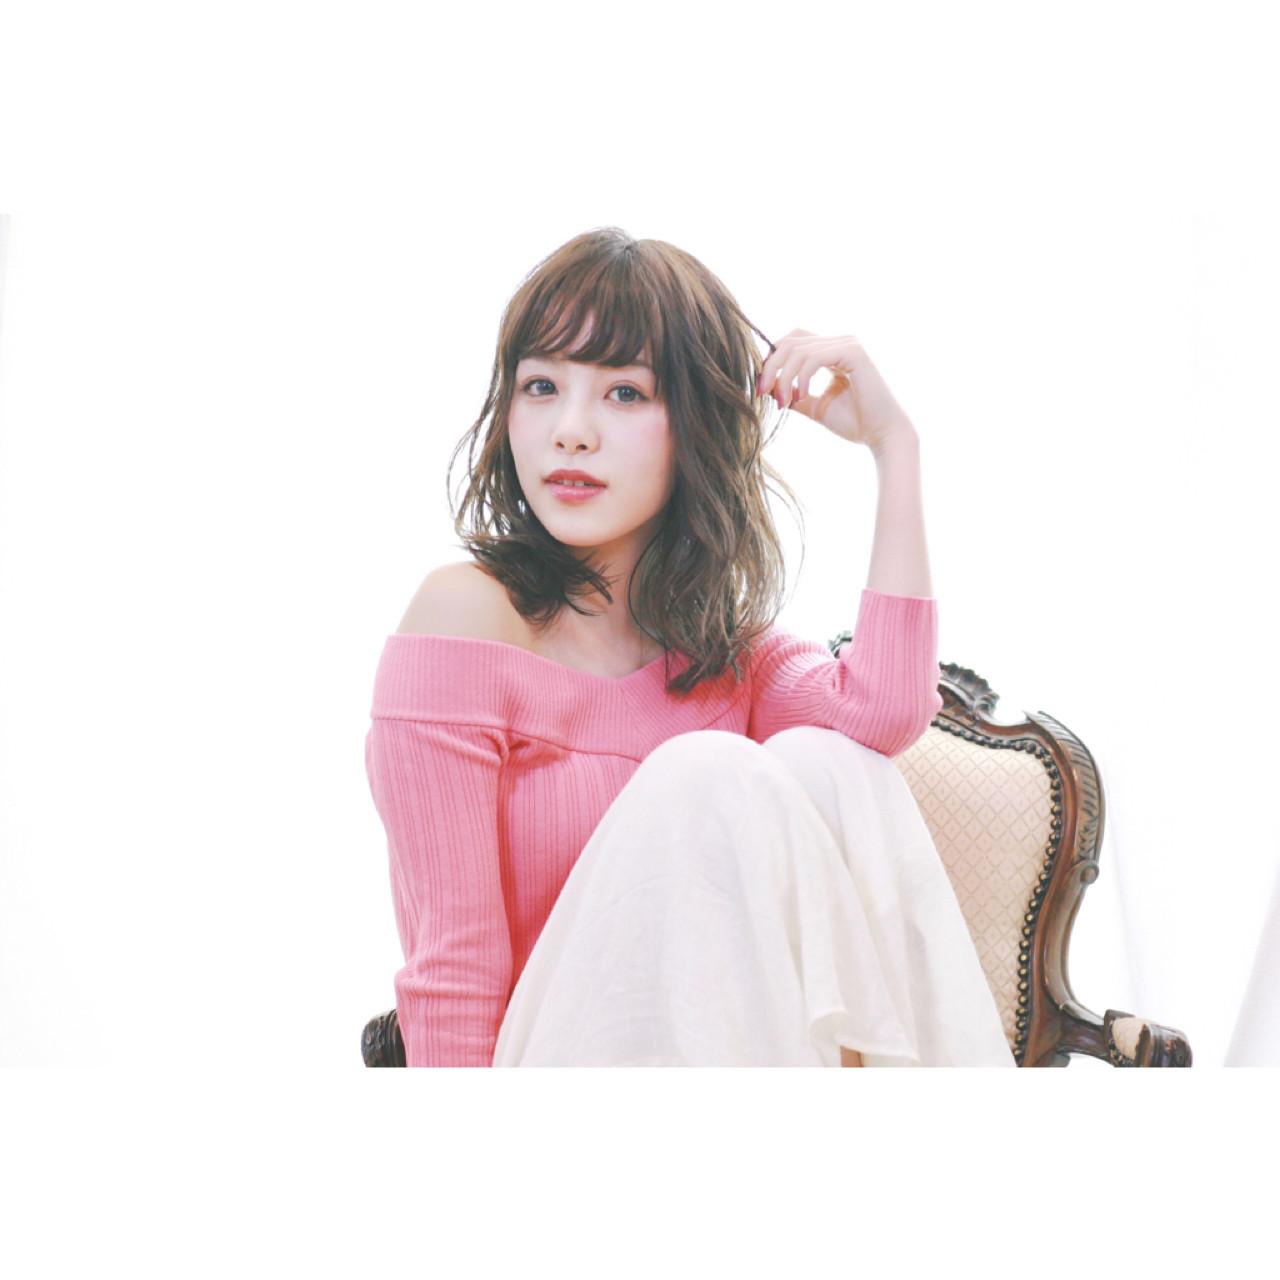 フェミニン ウェットヘア オン眉 グレージュ ヘアスタイルや髪型の写真・画像